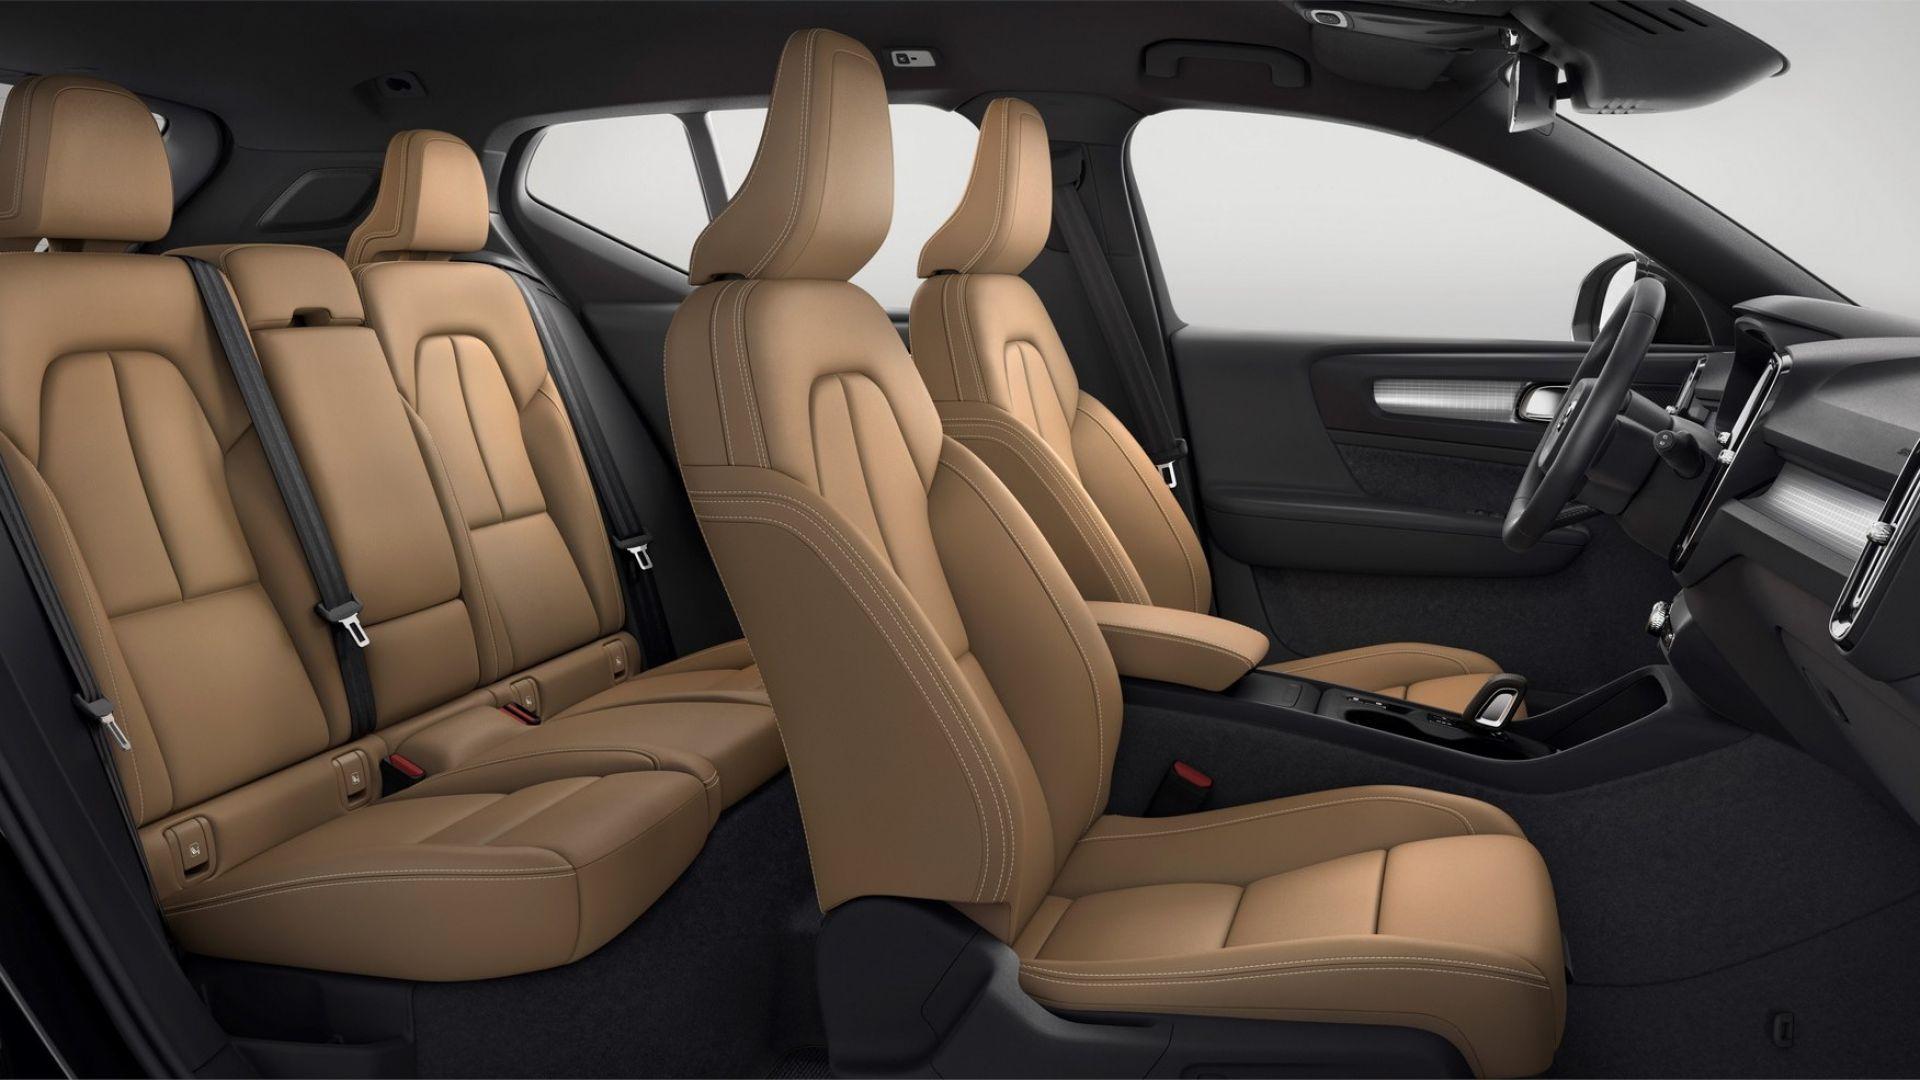 Volvo Xc60 Vs Audi Q5 >> Volvo XC40: interni, prezzi, dimensioni - MotorBox